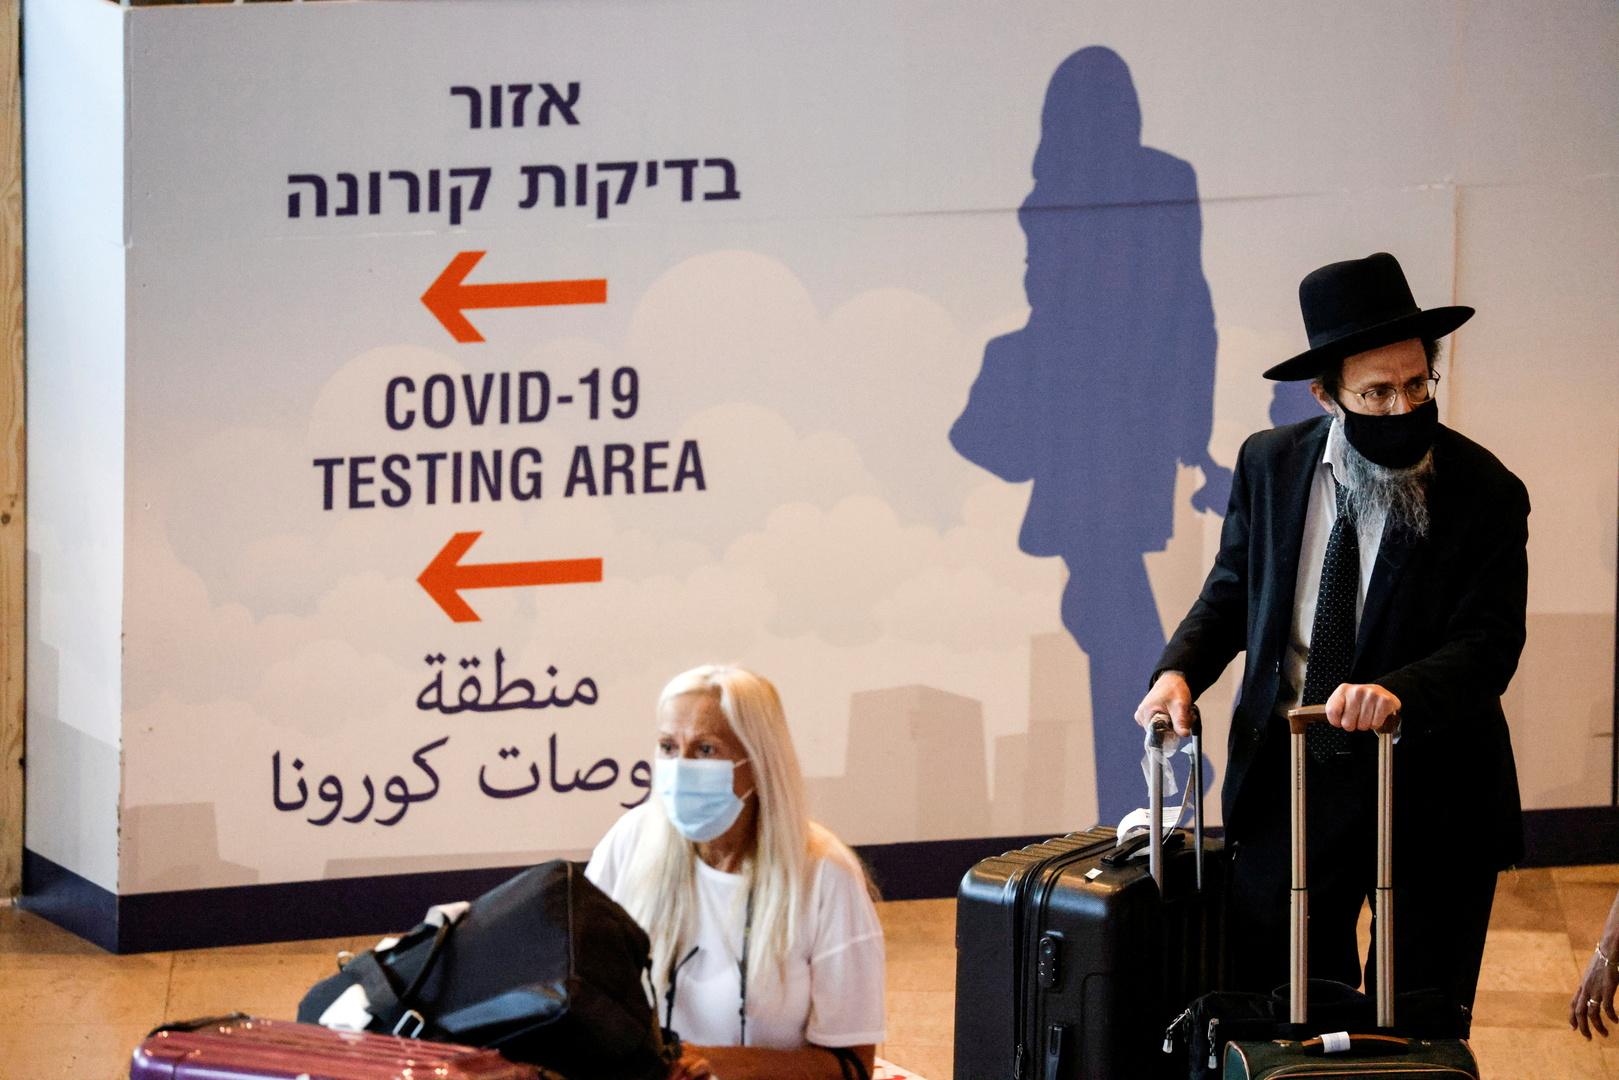 إسرائيل تفرض الحجر الصحي على الوافدين من 18 دولة